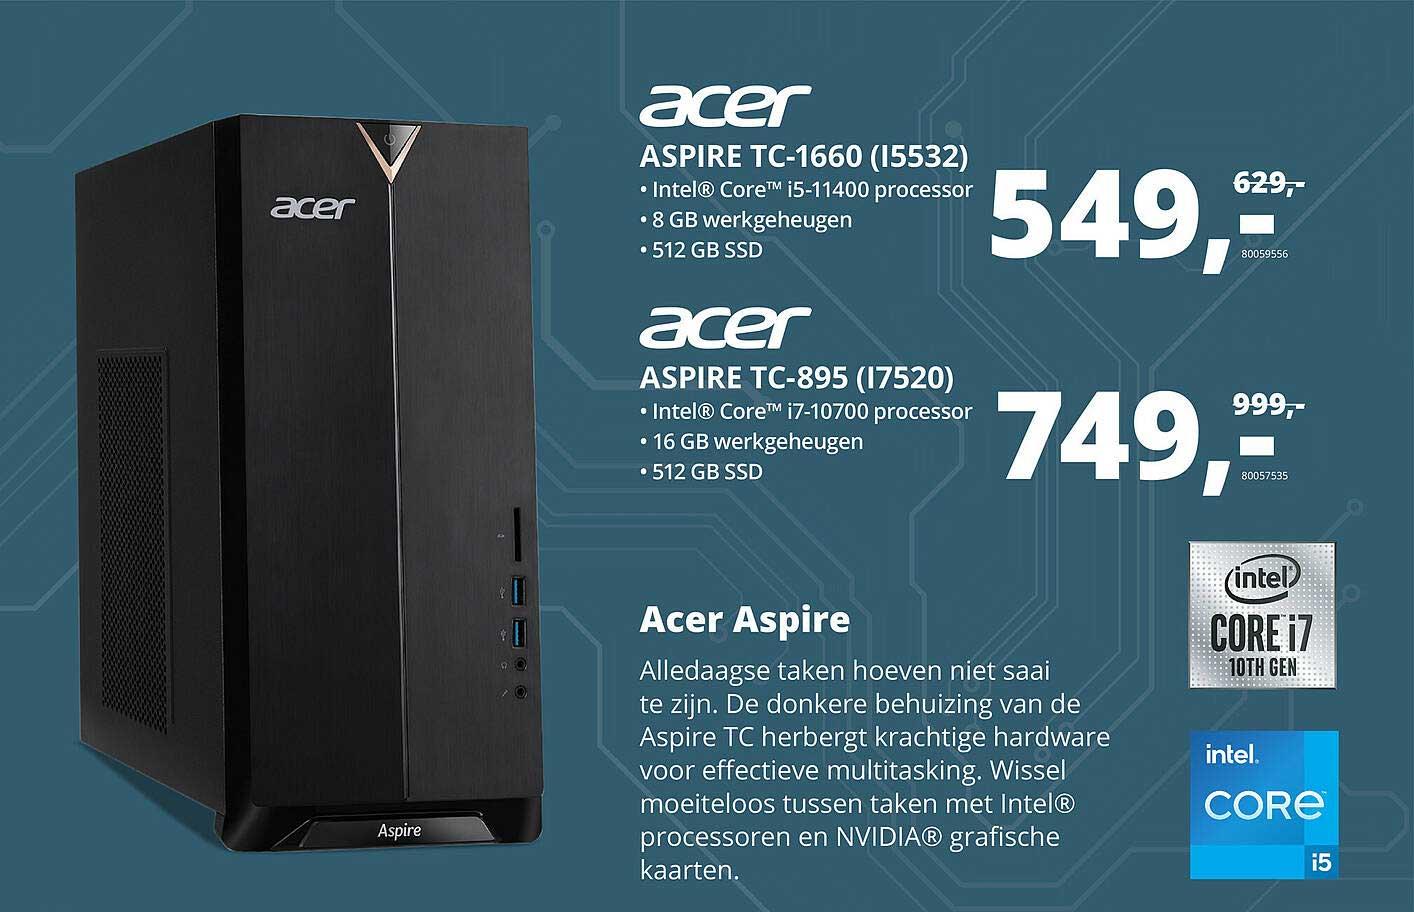 Paradigit Acer Aspire TC-1660 (I5532) Of Acer Aspire TC-895 (I7520) Desktop